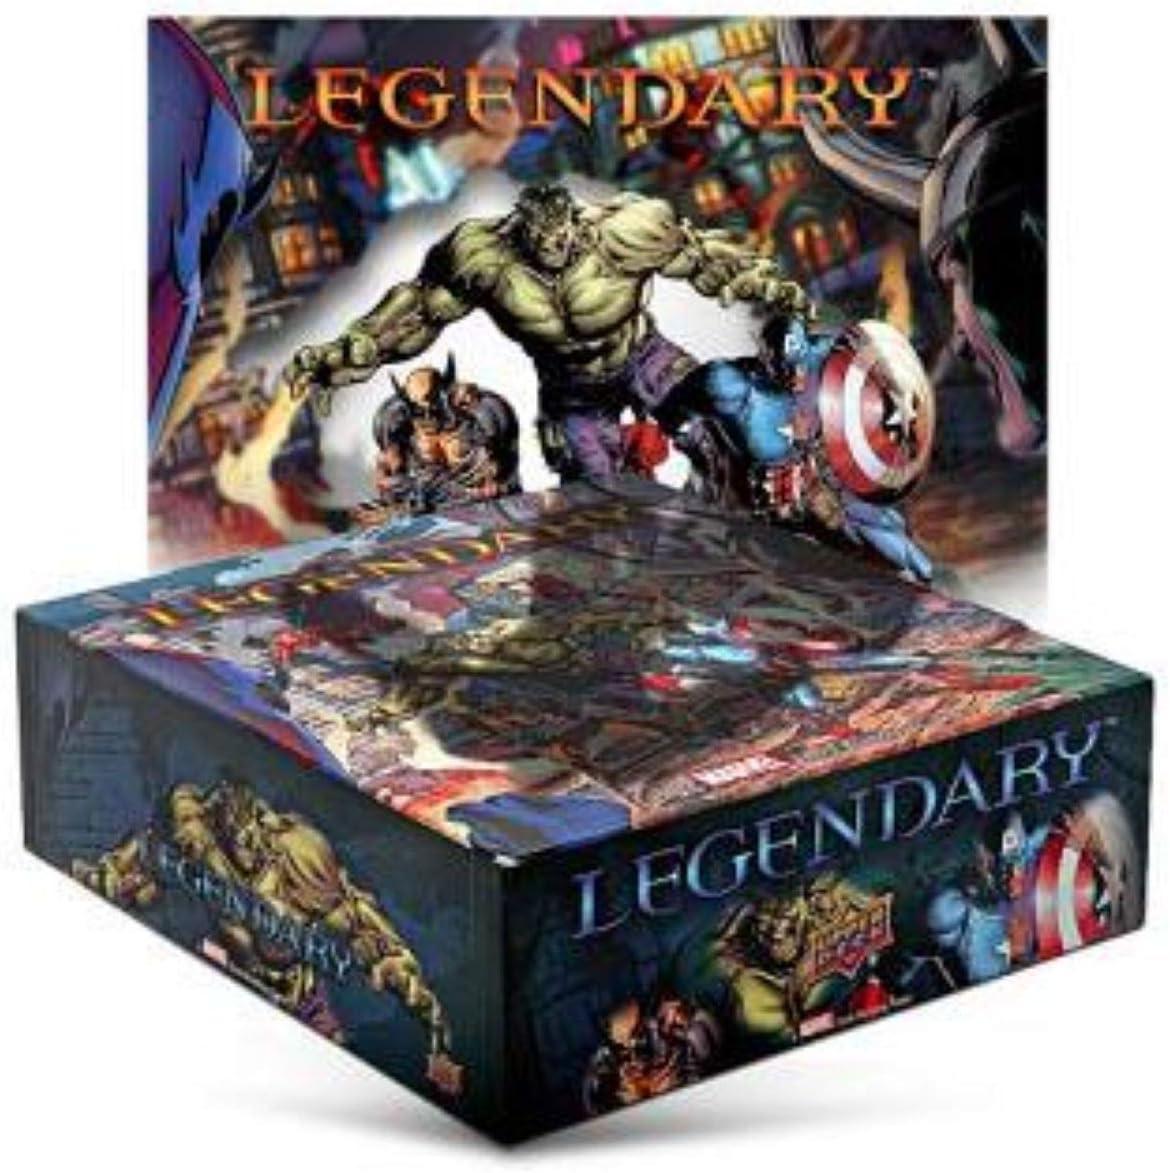 Superior Deck Entertainment Legendary Marvel Deck Building: Amazon.es: Juguetes y juegos